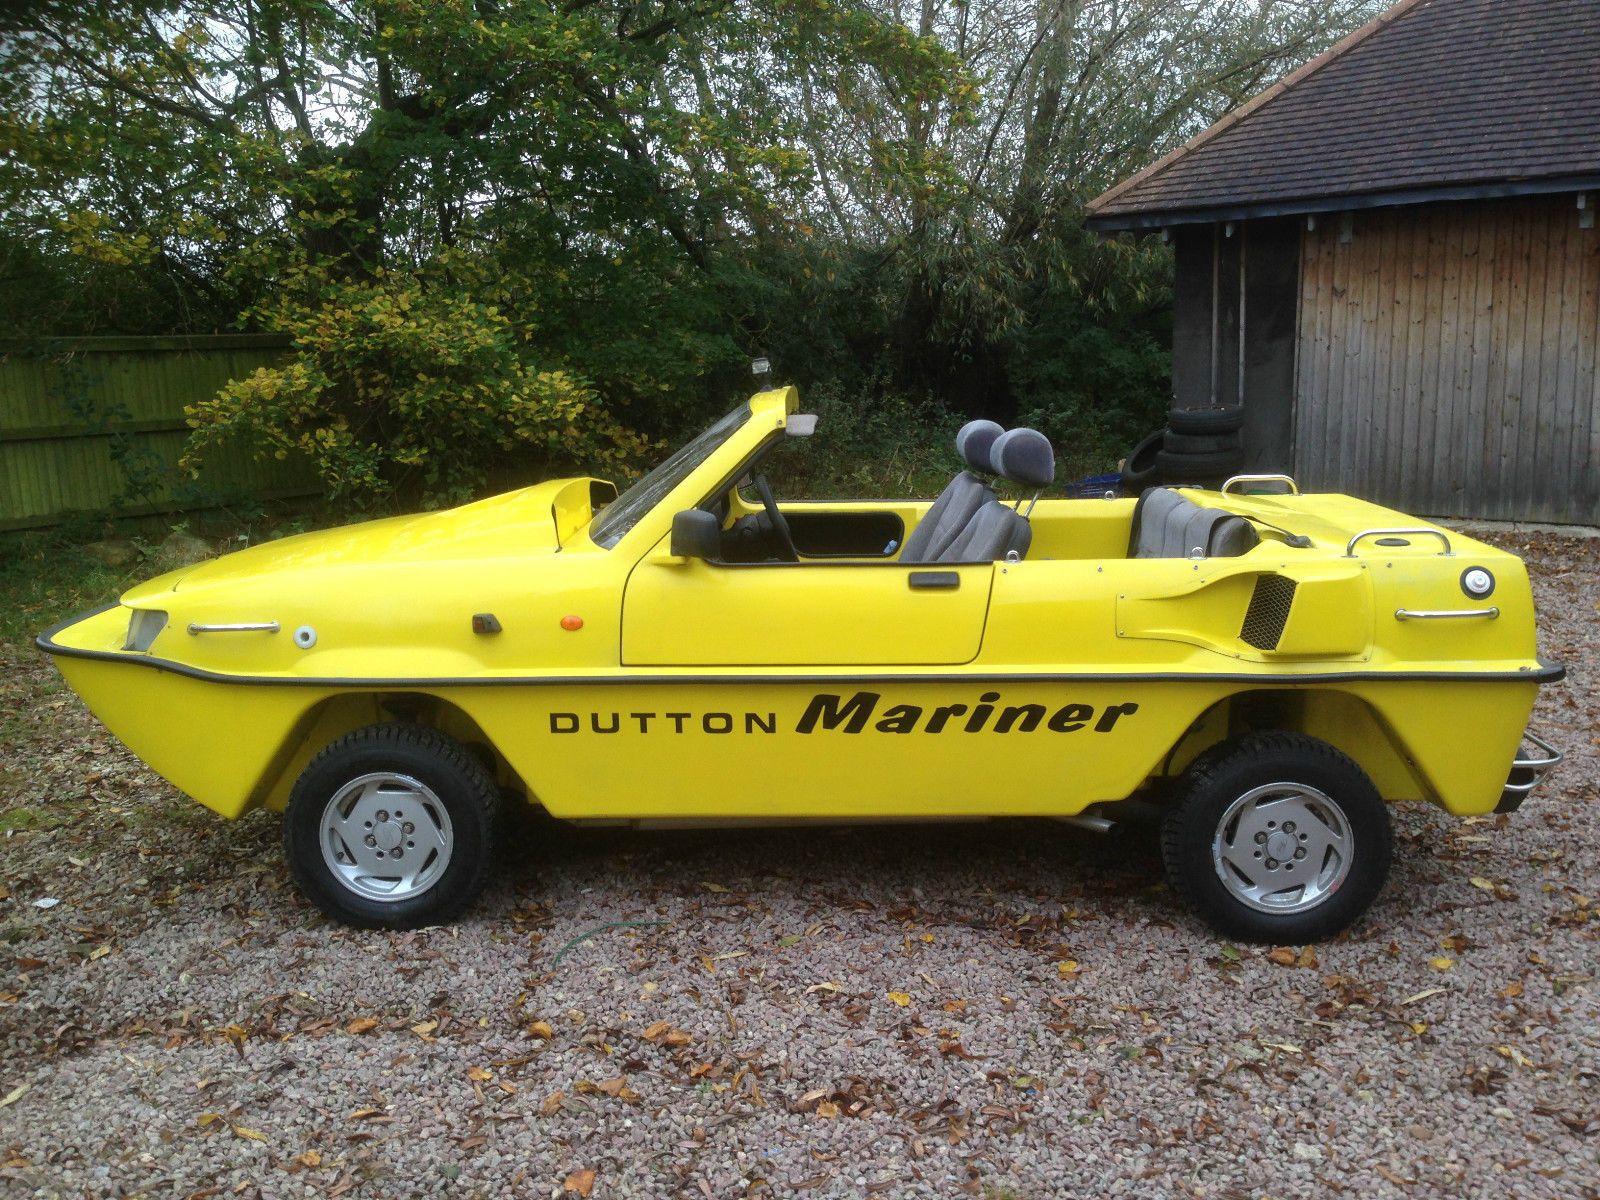 Amphicat for sale amphibious atv pictures - Dutton Mariner Amphibious Car Amphib Amphicar Twin Jet Diesel